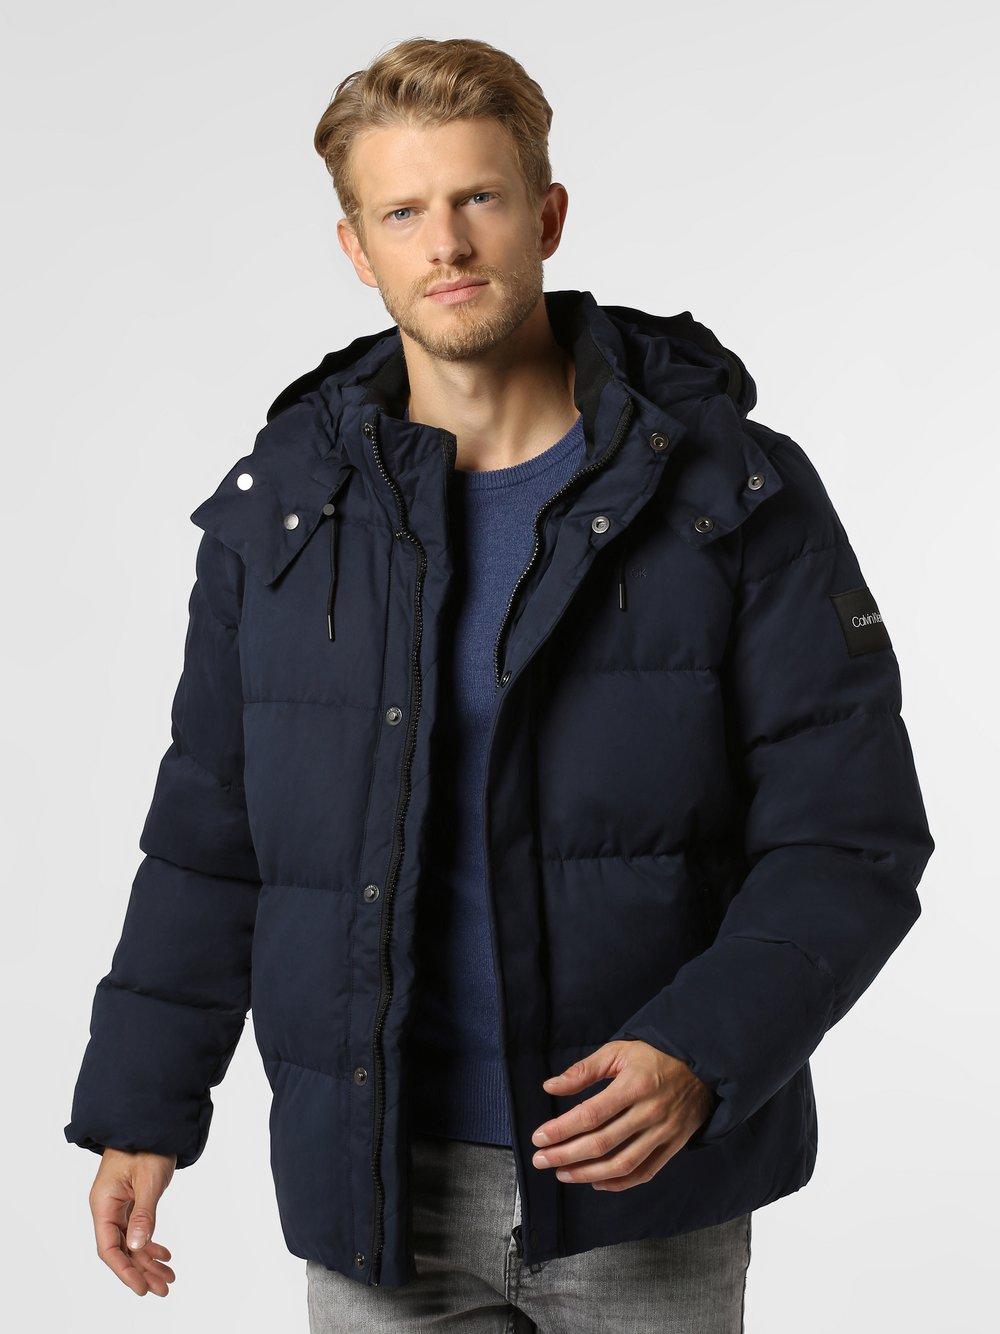 Calvin Klein Herren Jacke online kaufen   VANGRAAF.COM